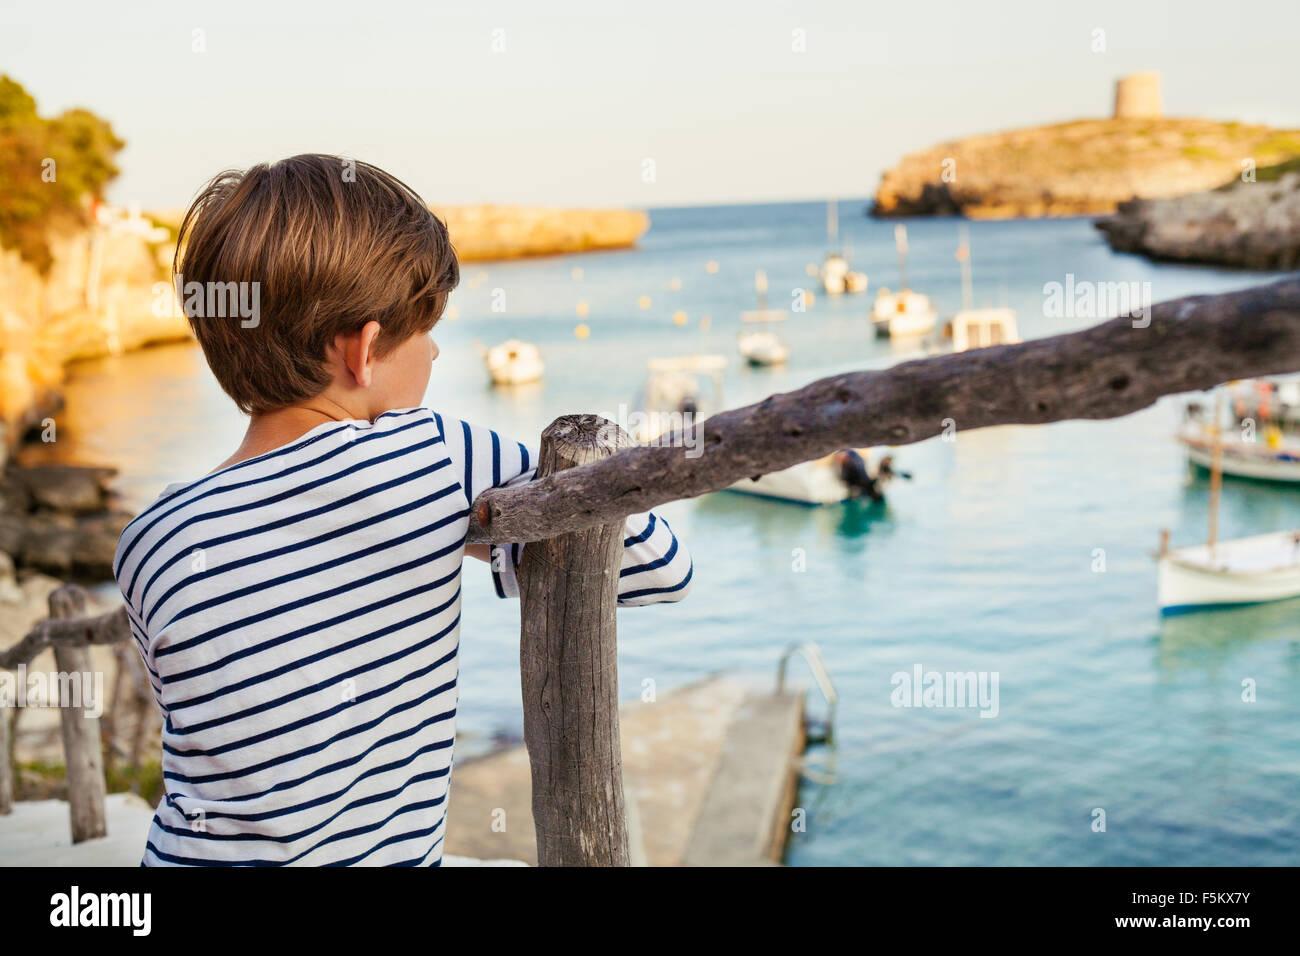 Spanien, Menorca, junge (6-7) am Meer betrachten Stockbild